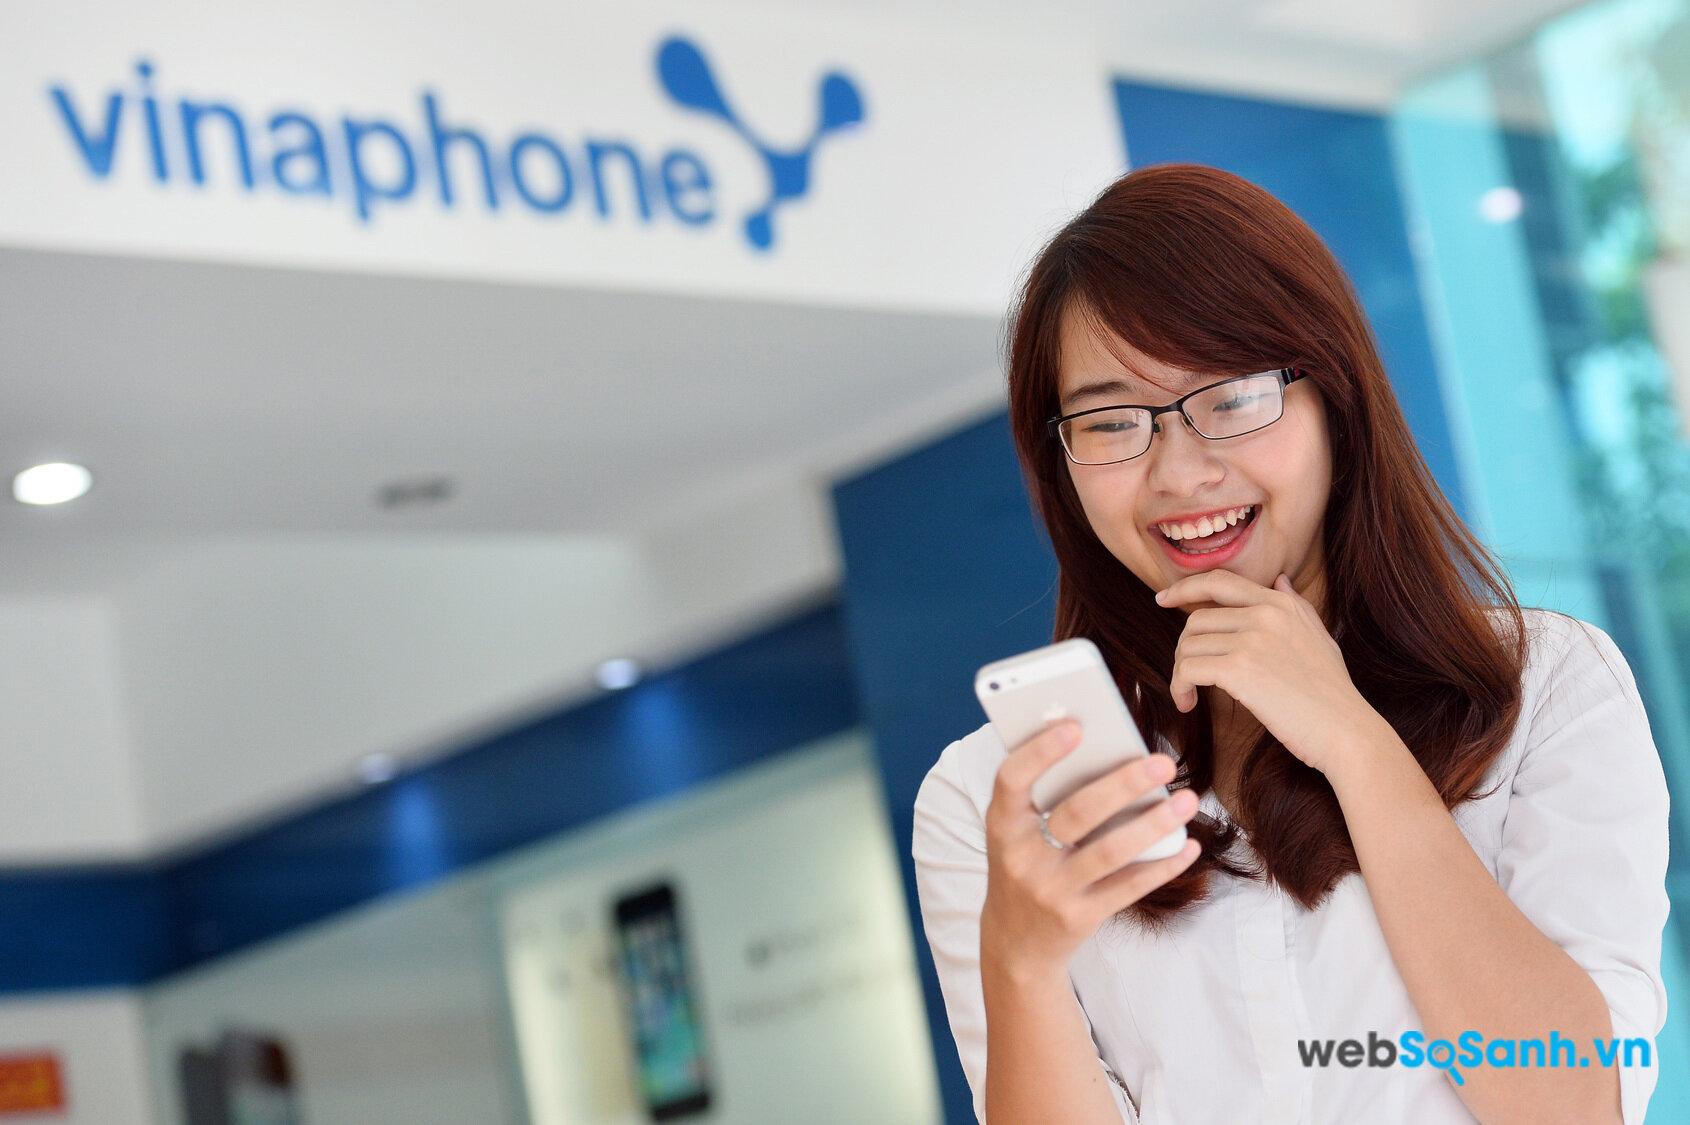 Dịch vụ chuyển vùng quốc tế của Vinaphone